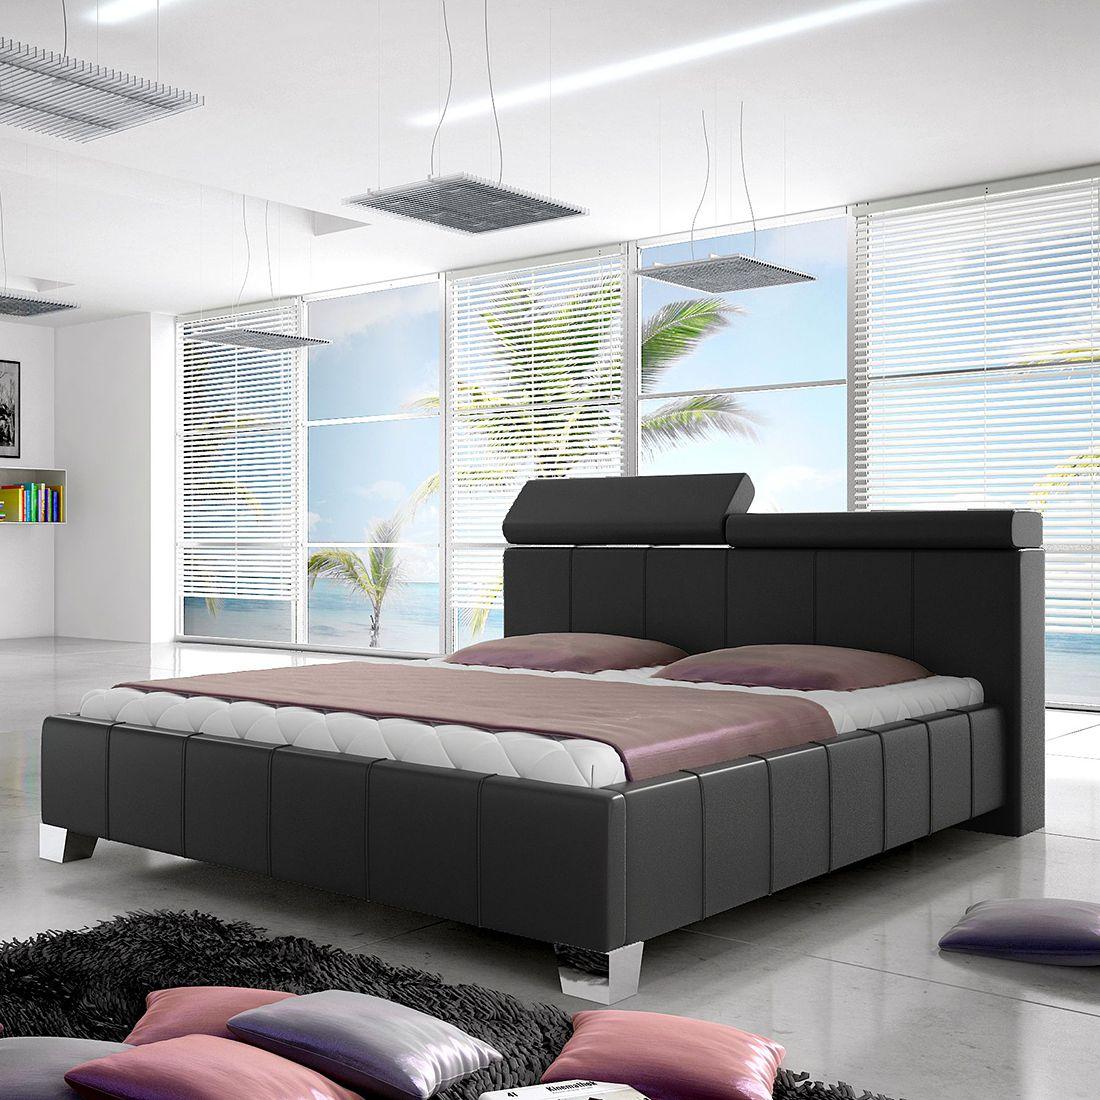 35 sparen polsterbett madeira von mooved ab 449 99 cherry. Black Bedroom Furniture Sets. Home Design Ideas